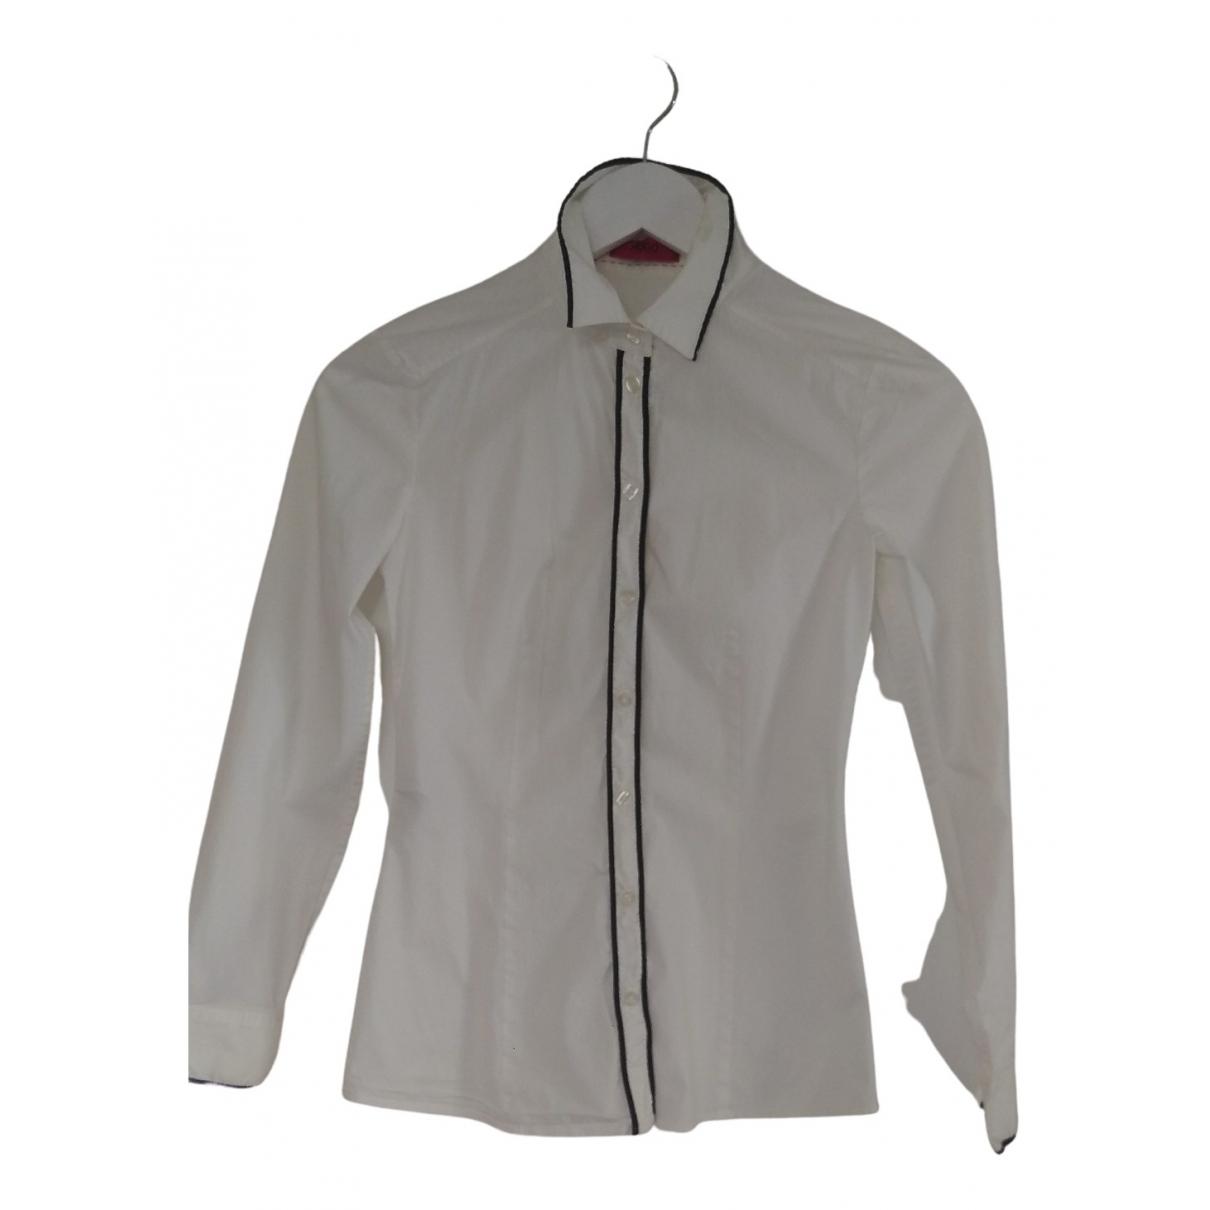 Hugo Boss \N White Cotton  top for Women 36 IT